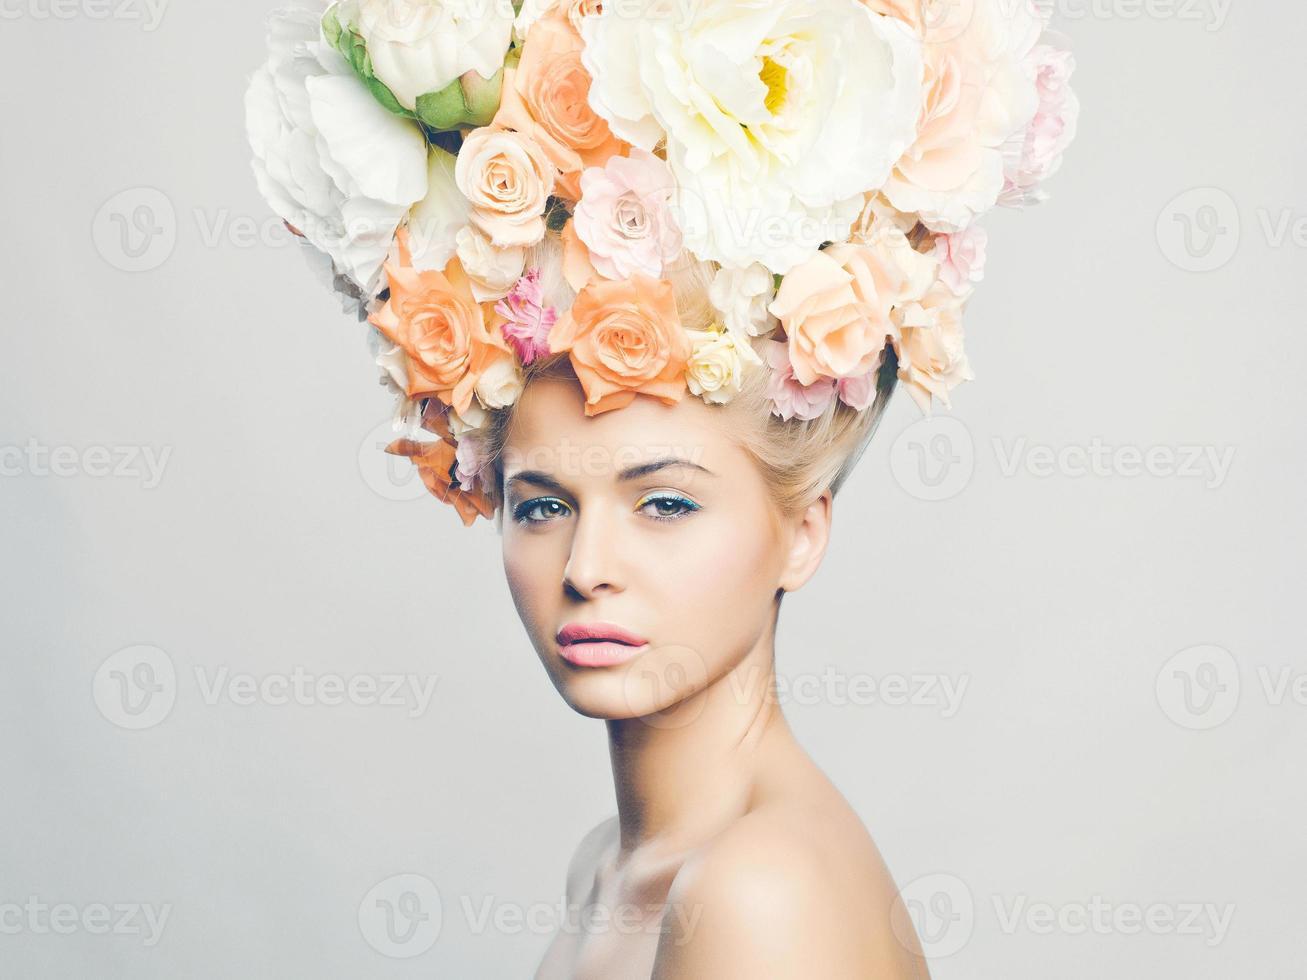 vacker kvinna med frisyr av blommor foto